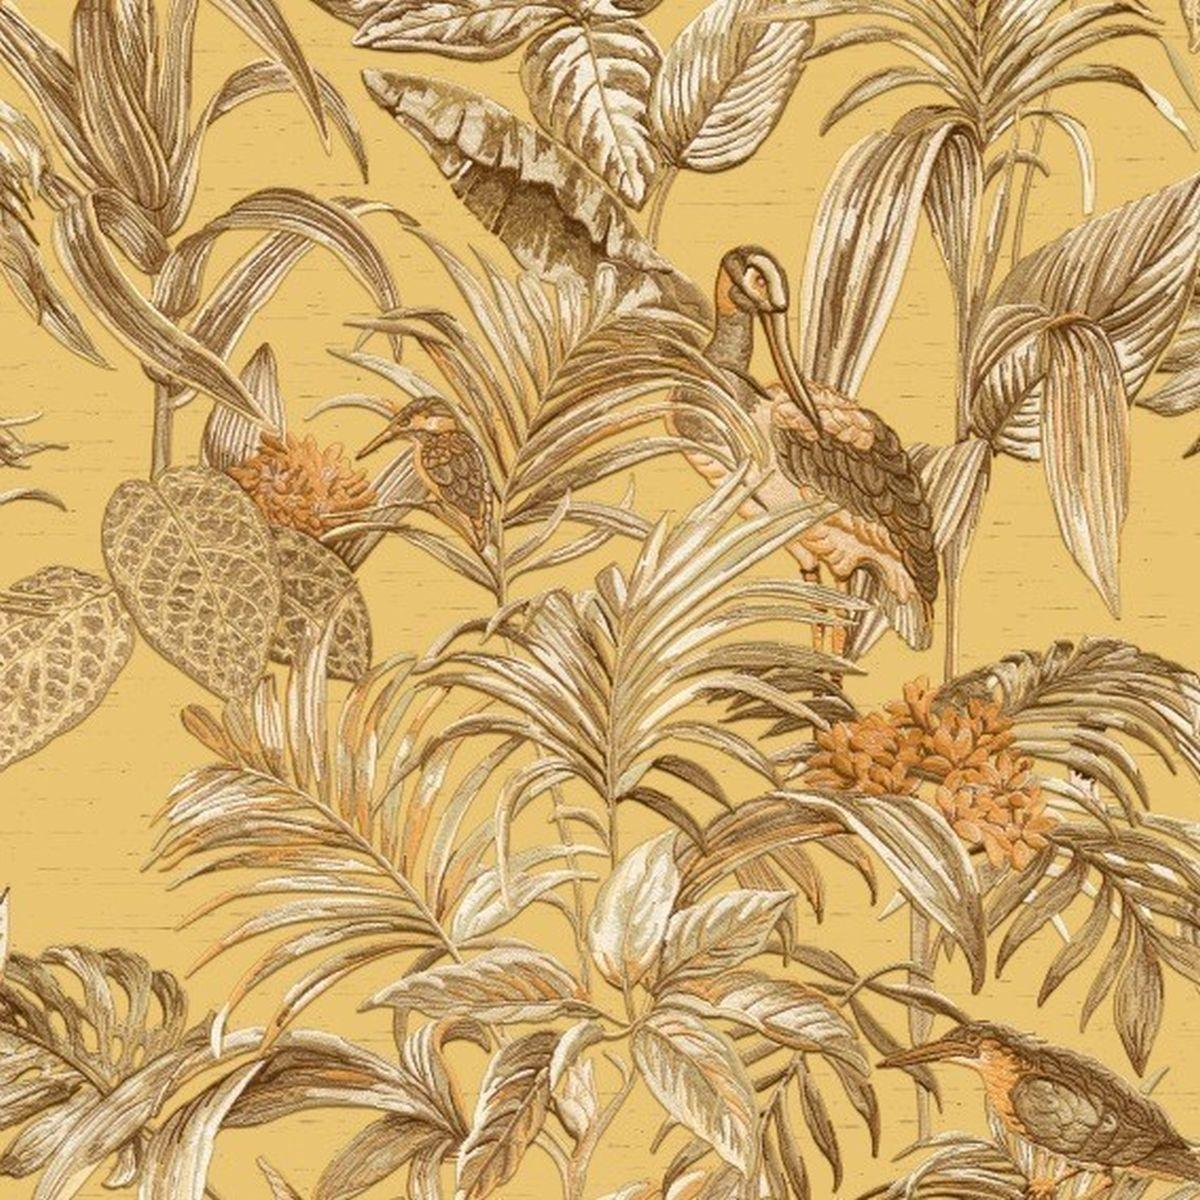 DesignID Vliestapete Qualitätsvolle Tapete DE120018 Gelb Blumentapete